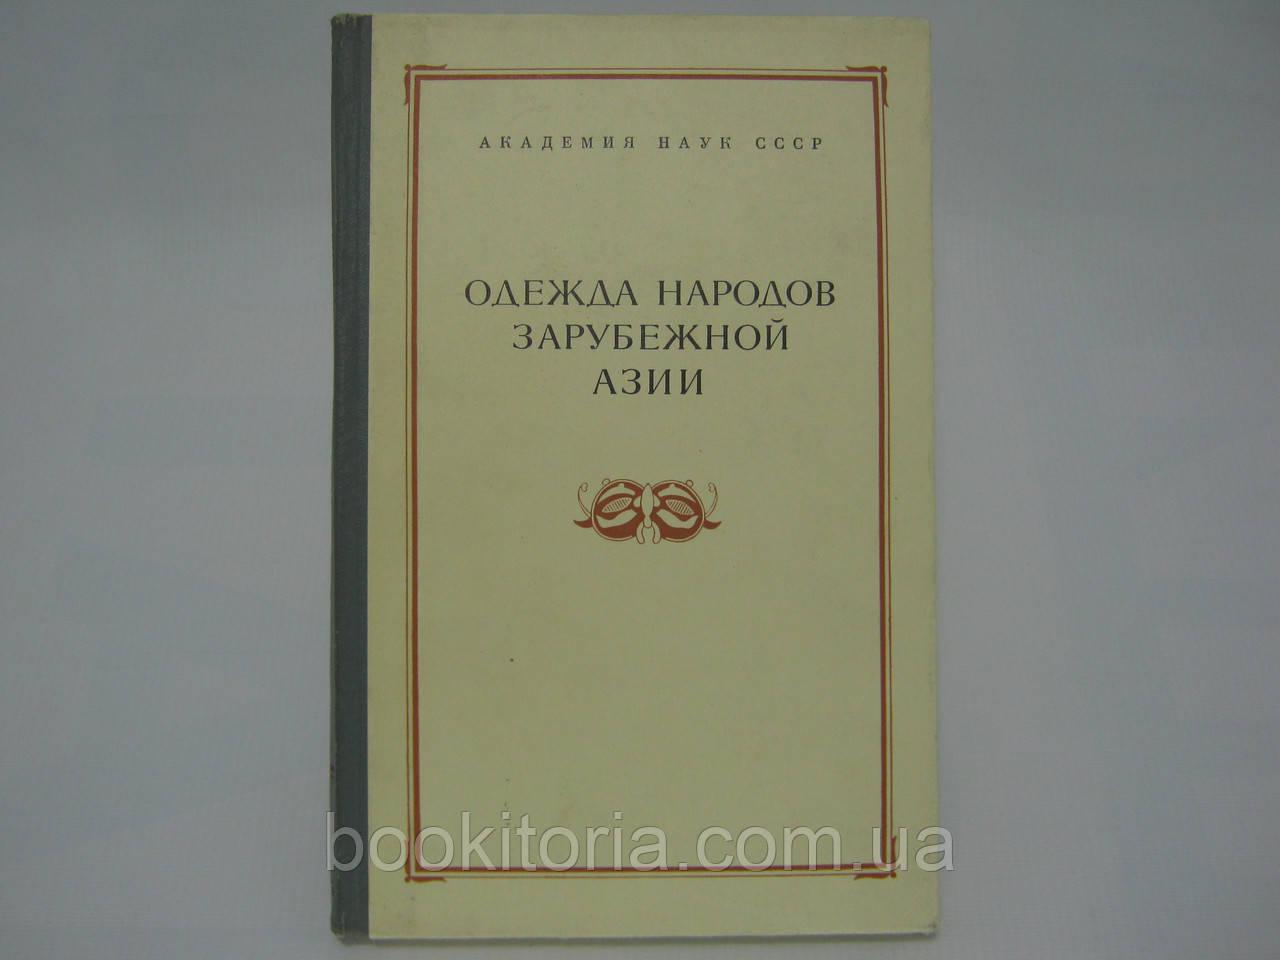 Одежда народов зарубежной Азии (б/у).